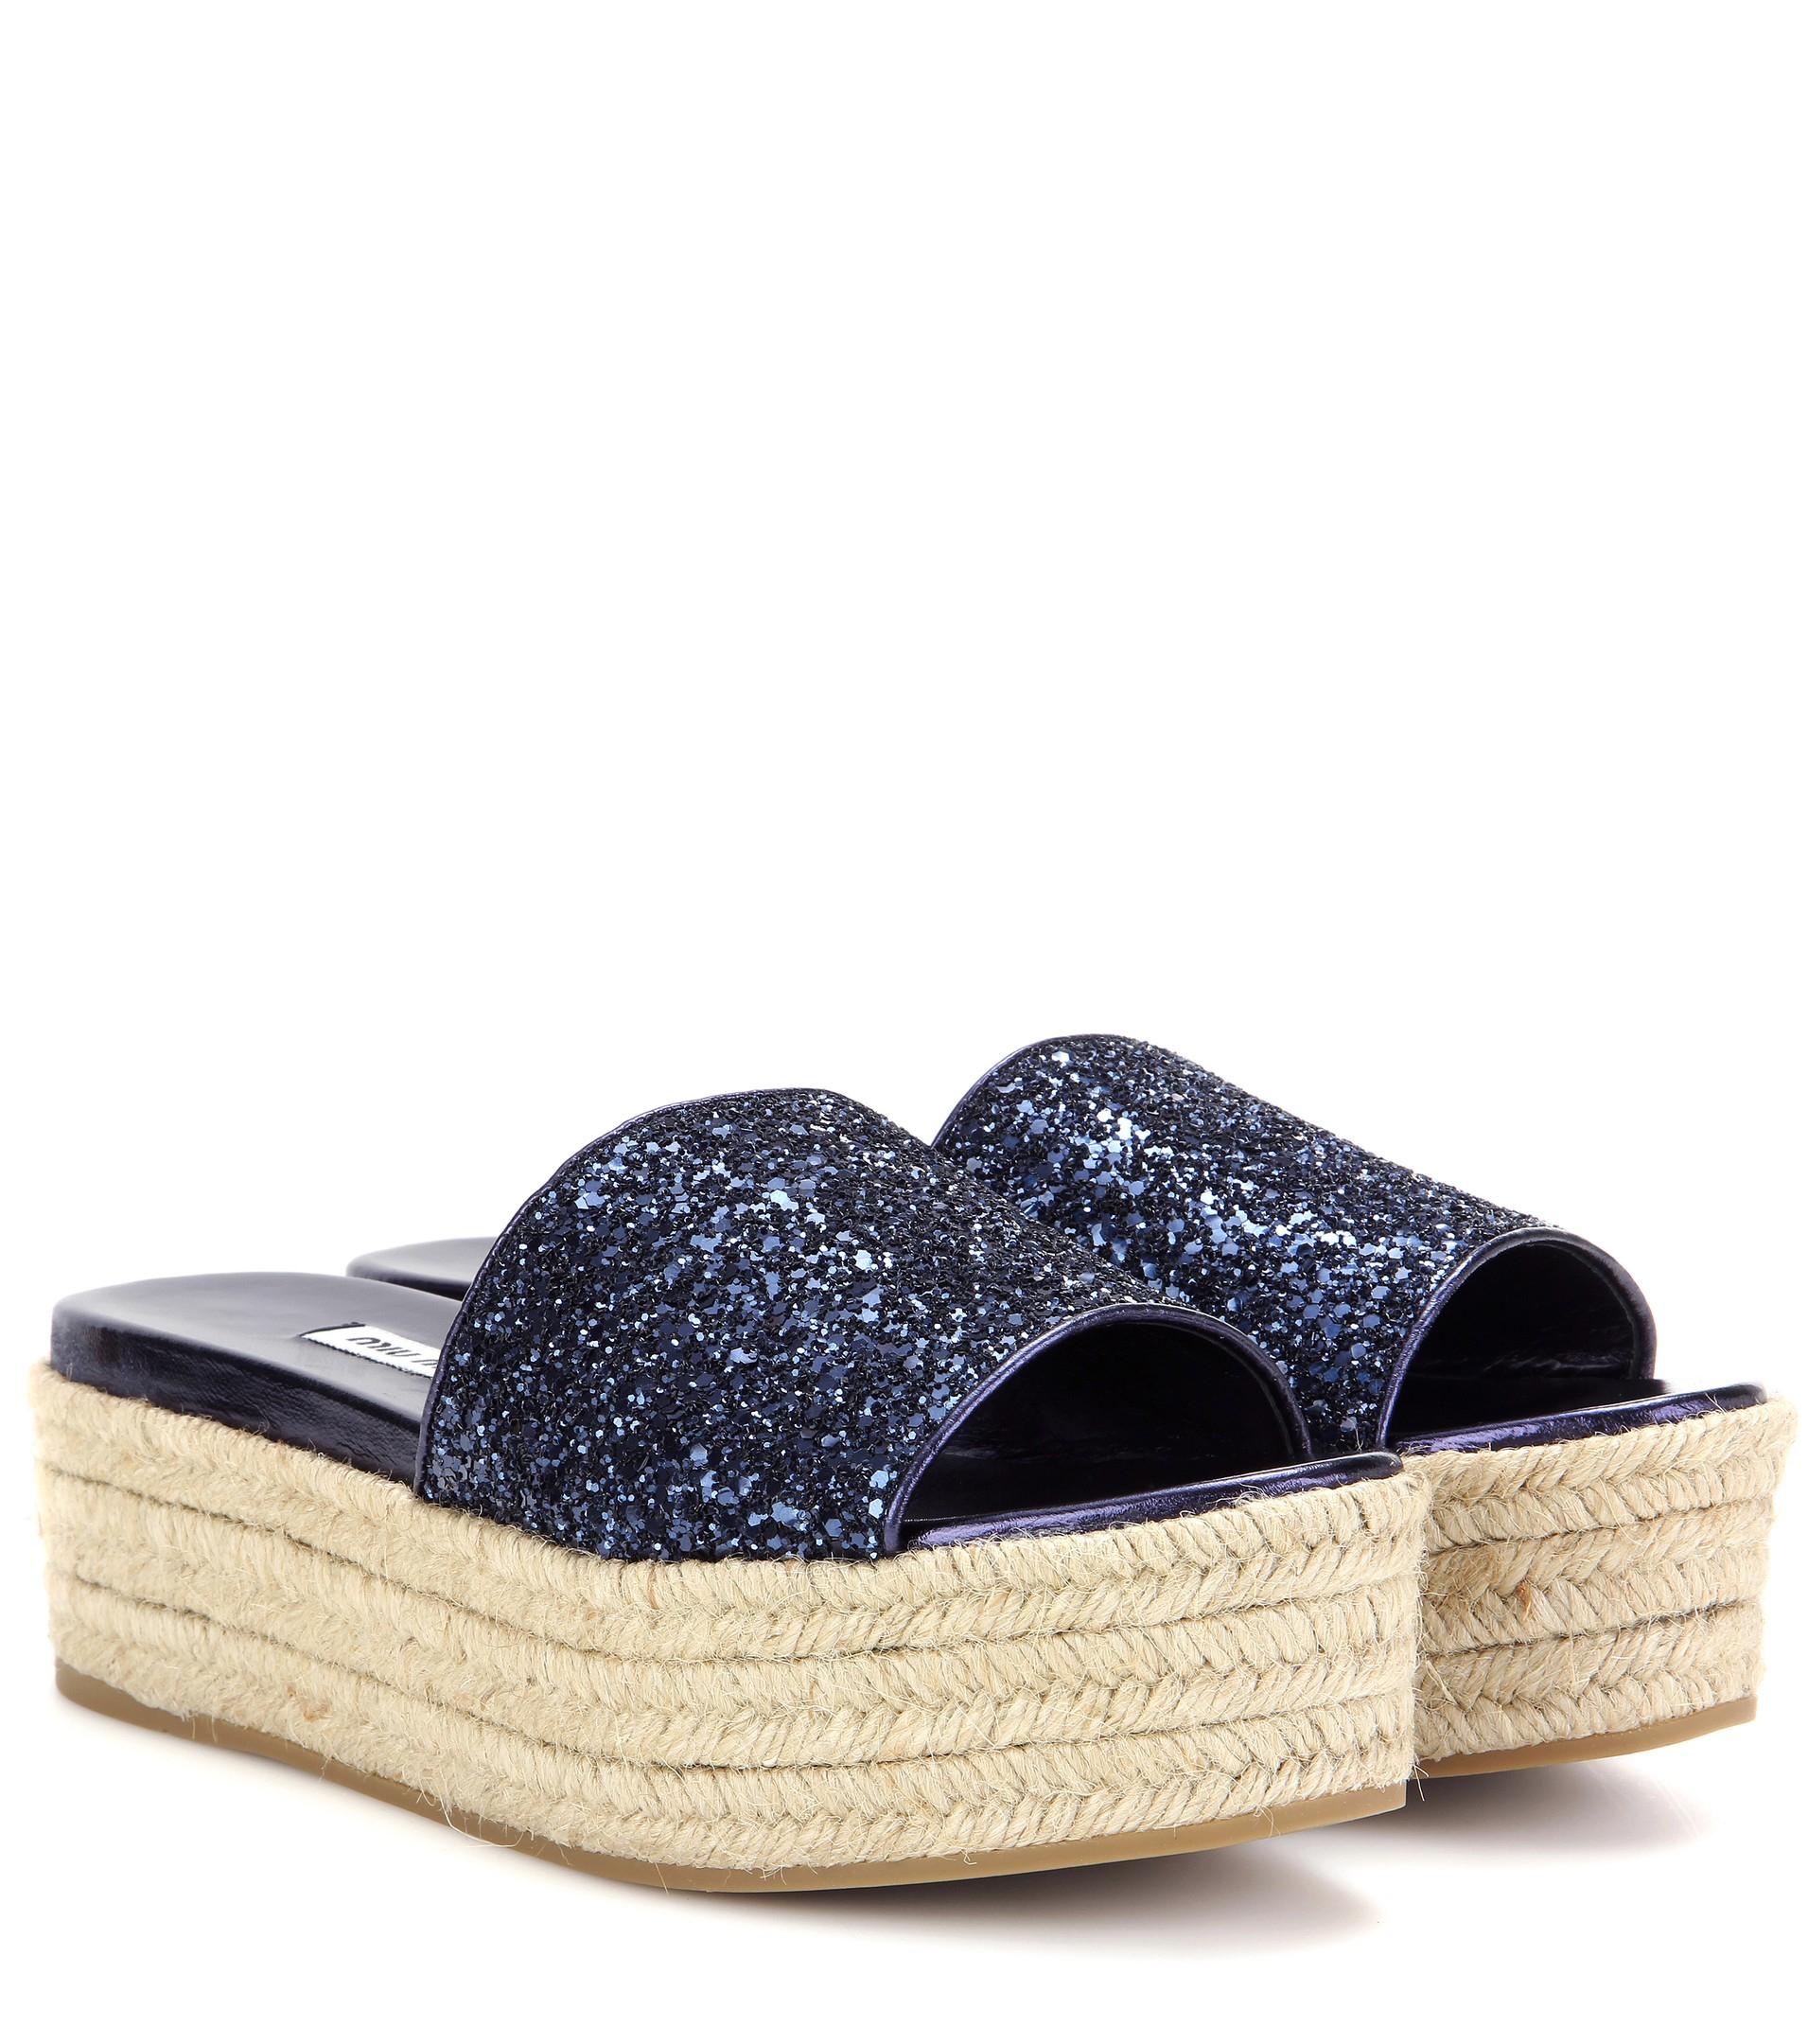 Velvet platform espadrille sandals Miu Miu ocWK5Z1Glr